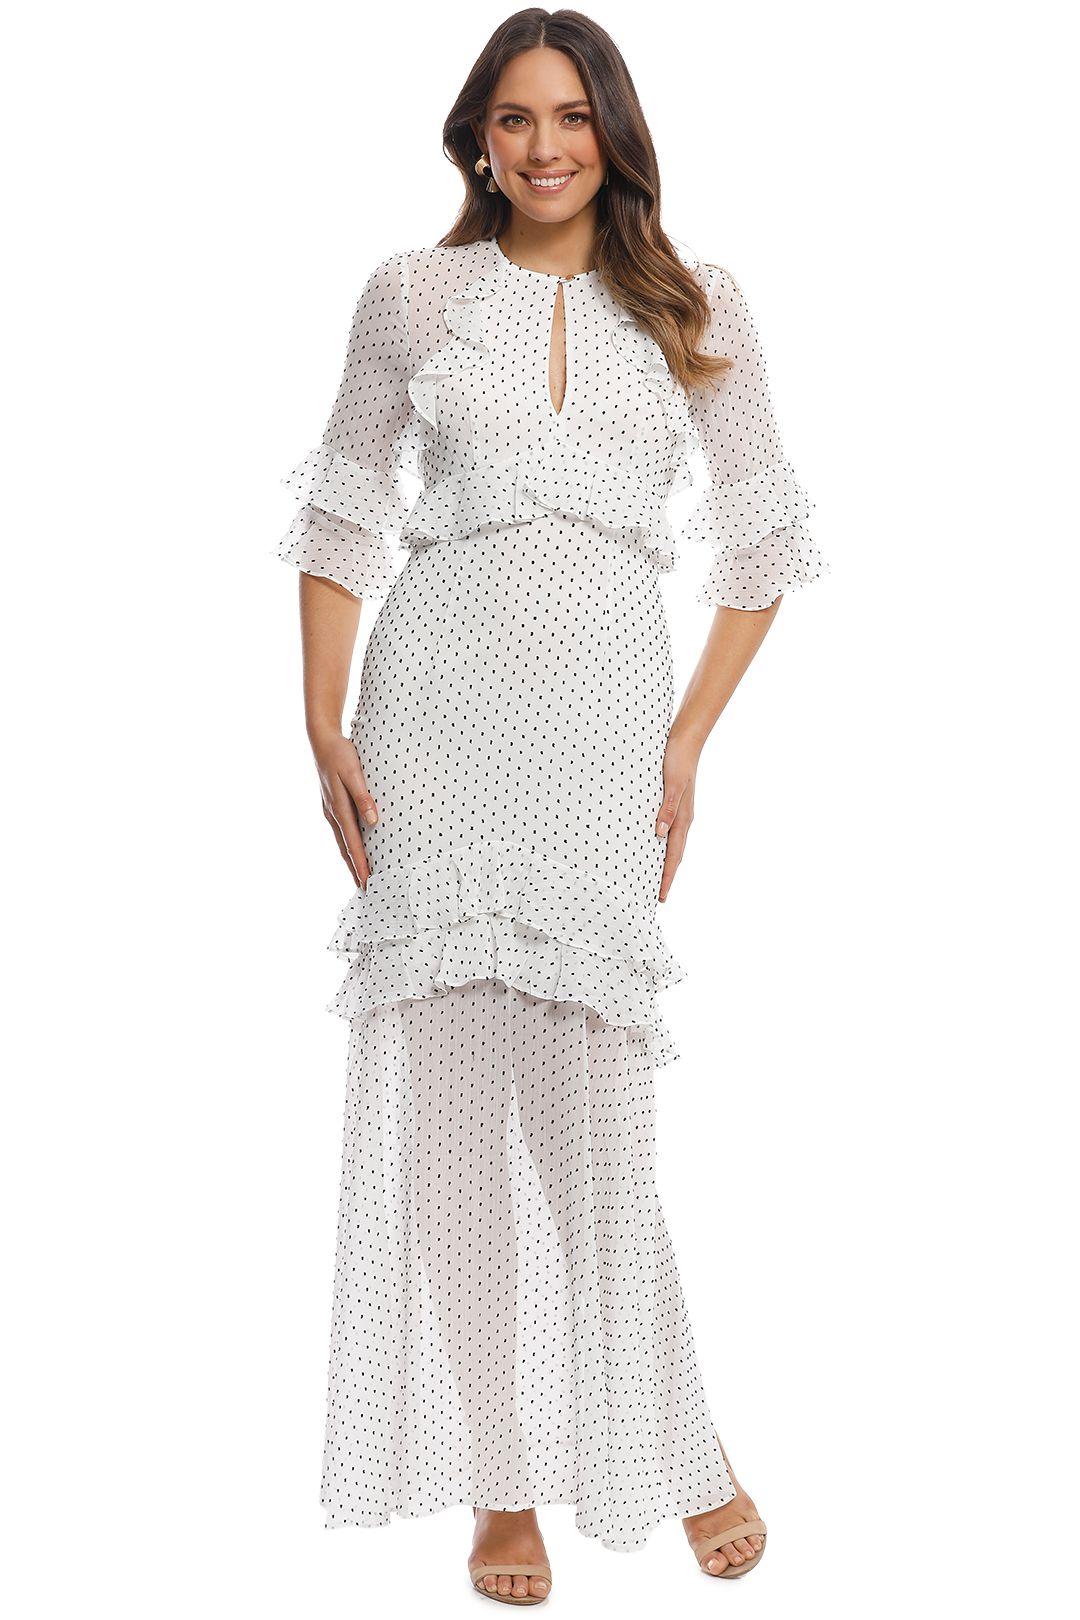 Pasduchas - Trixie Maxi Dress - Ivory - Front